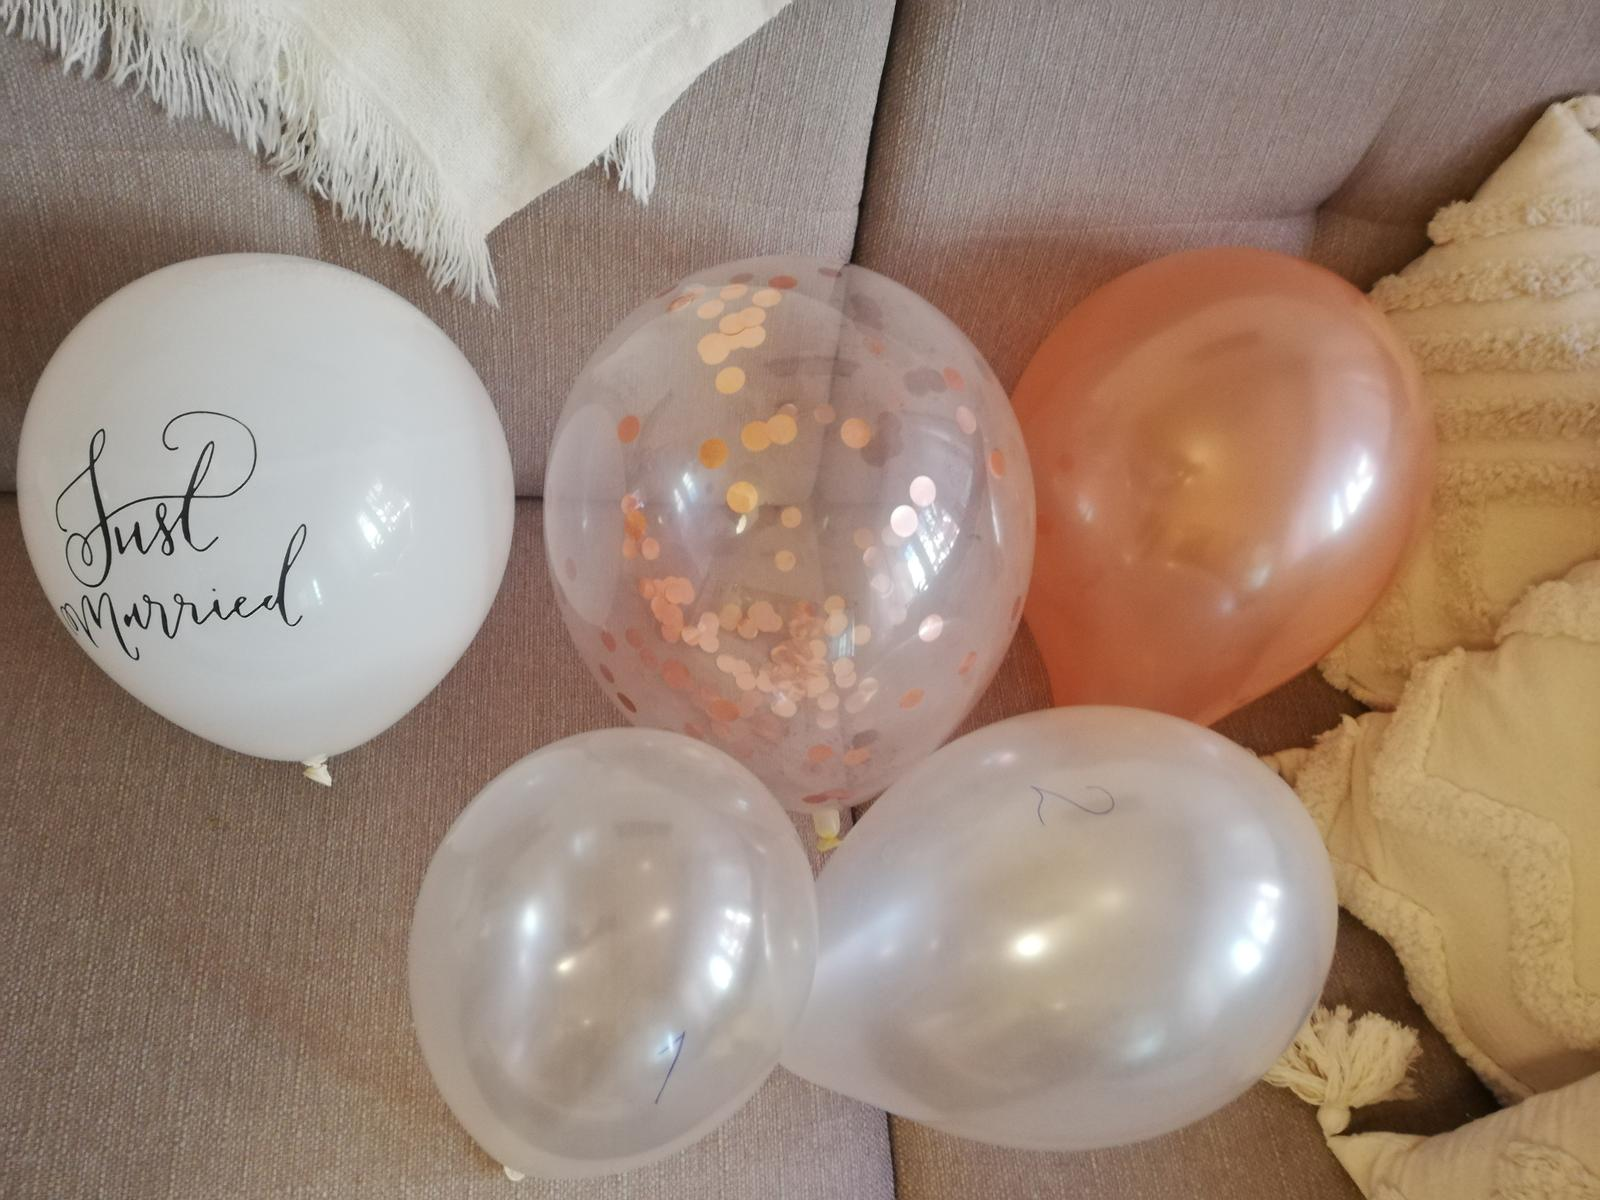 Balóny - Obrázek č. 1